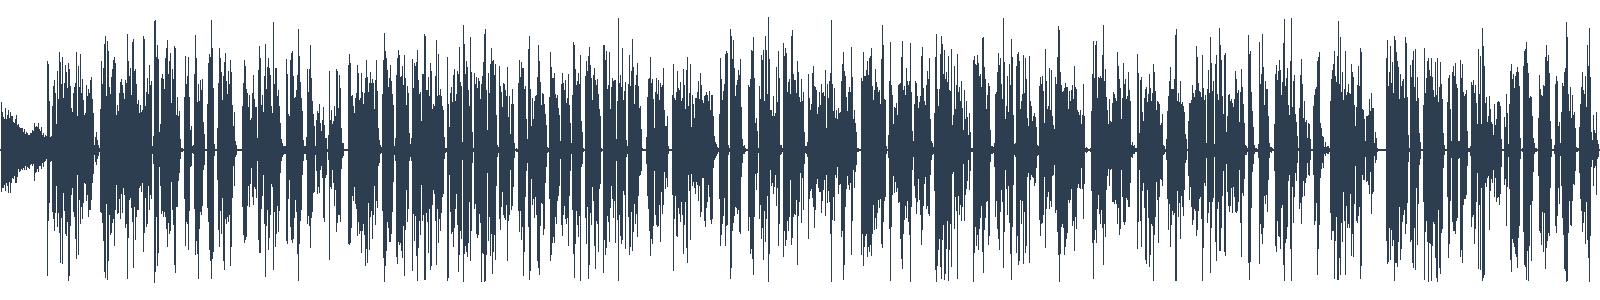 Ready Player One - ukázka z audioknihy waveform